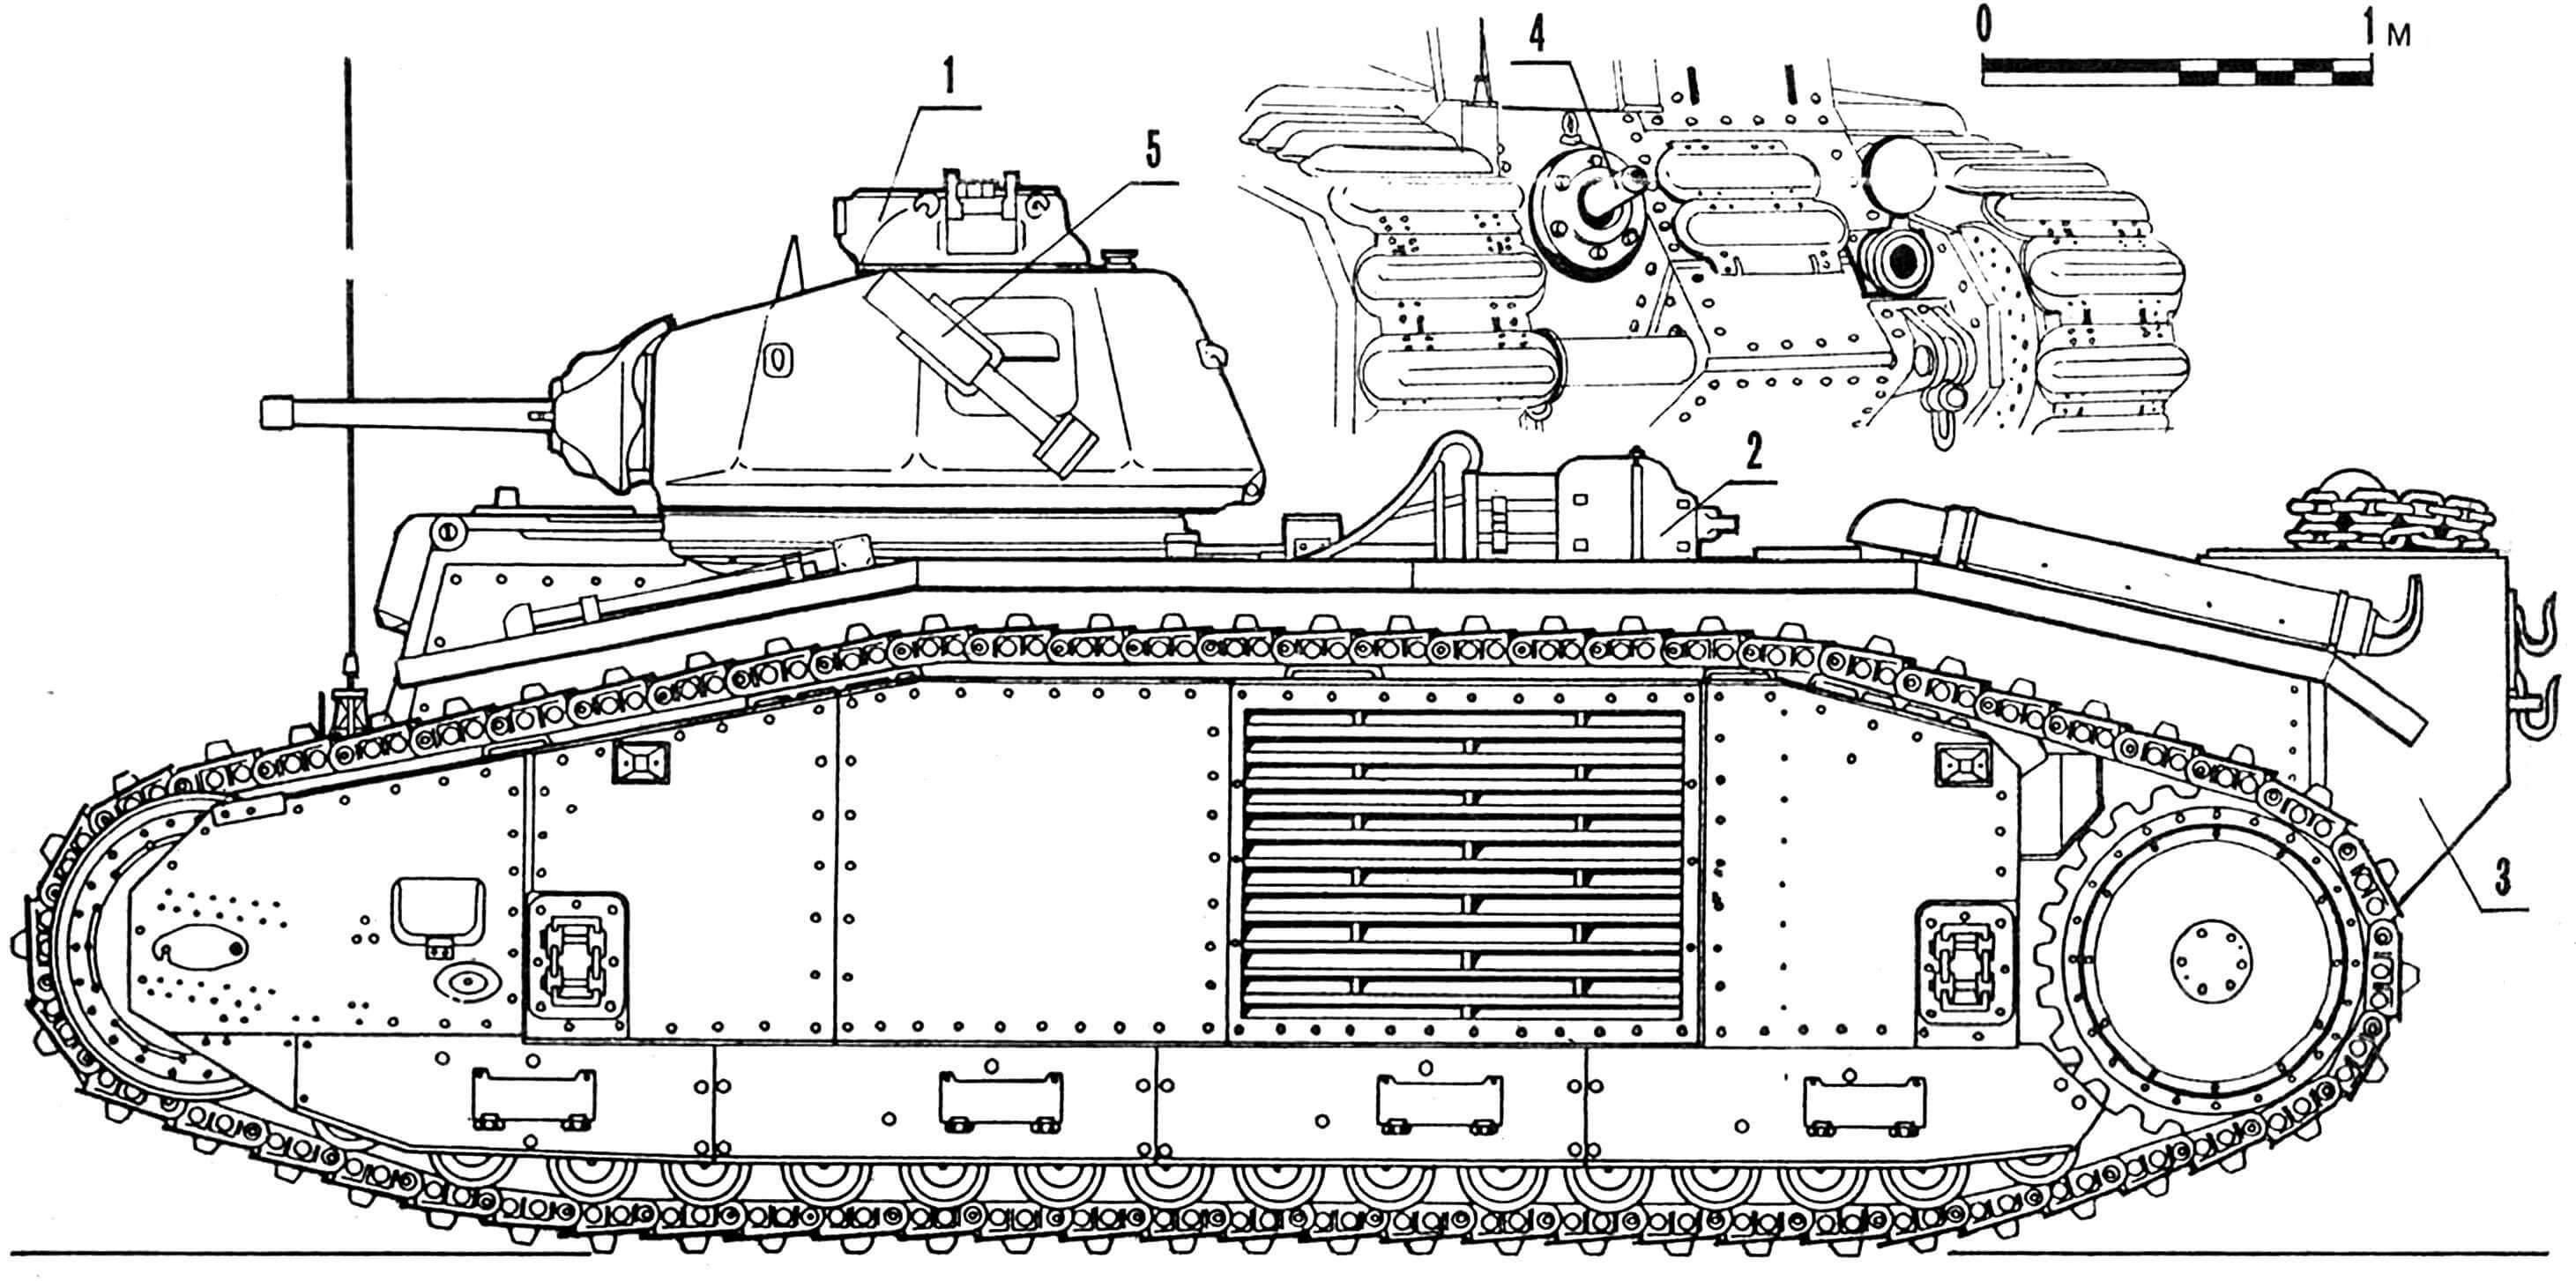 Огнеметный танк В-2: 1 — командирская башенка с переделанным люком, 2 — оборудование для подачи огнесмеси, 3 — бак для огнесмеси, 4 — огнемет, 5 — дымовой гранатомет.